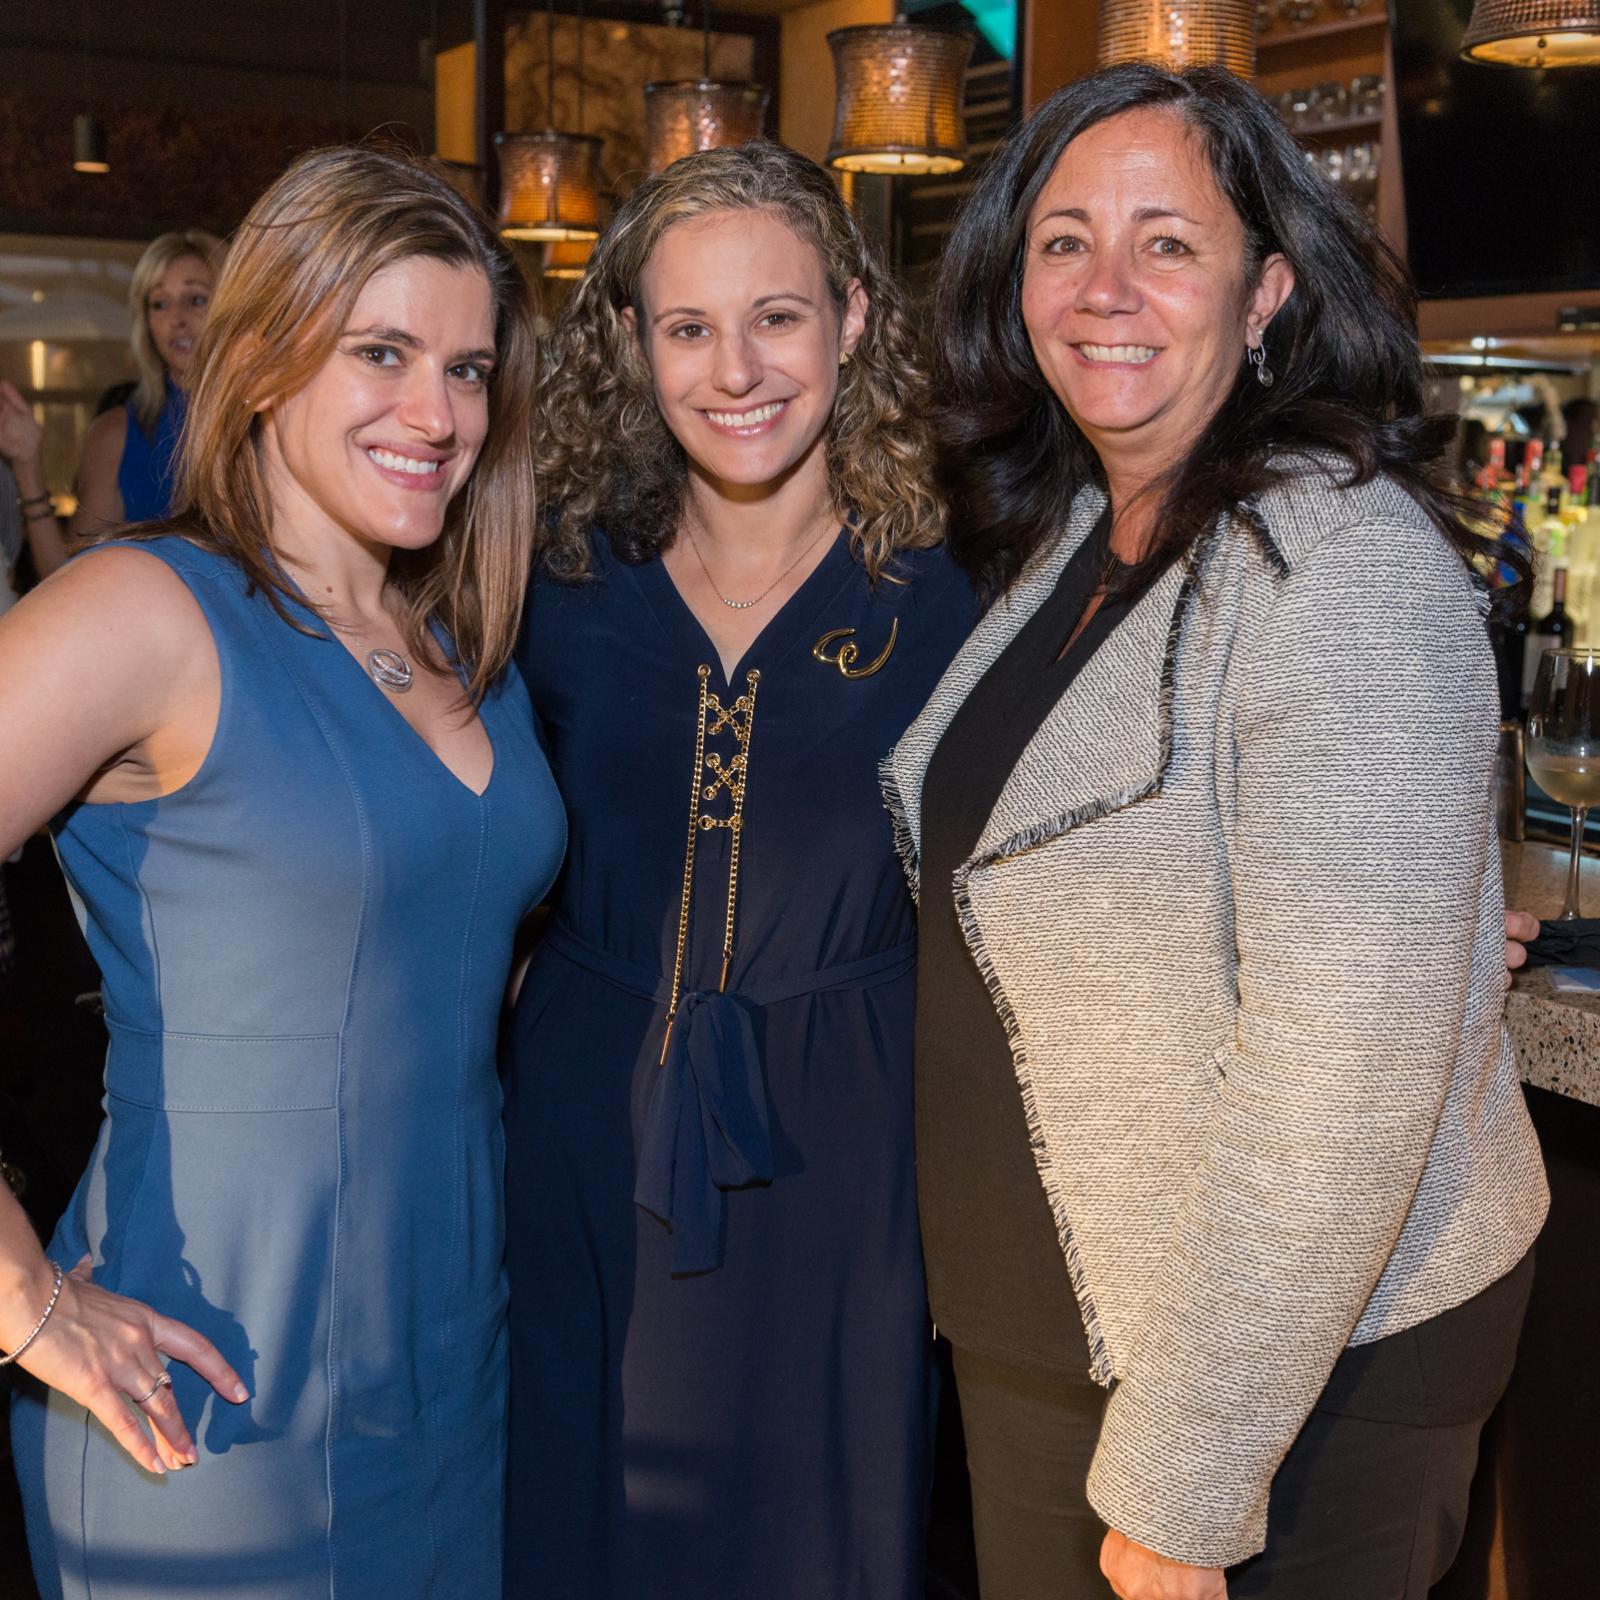 women at an event